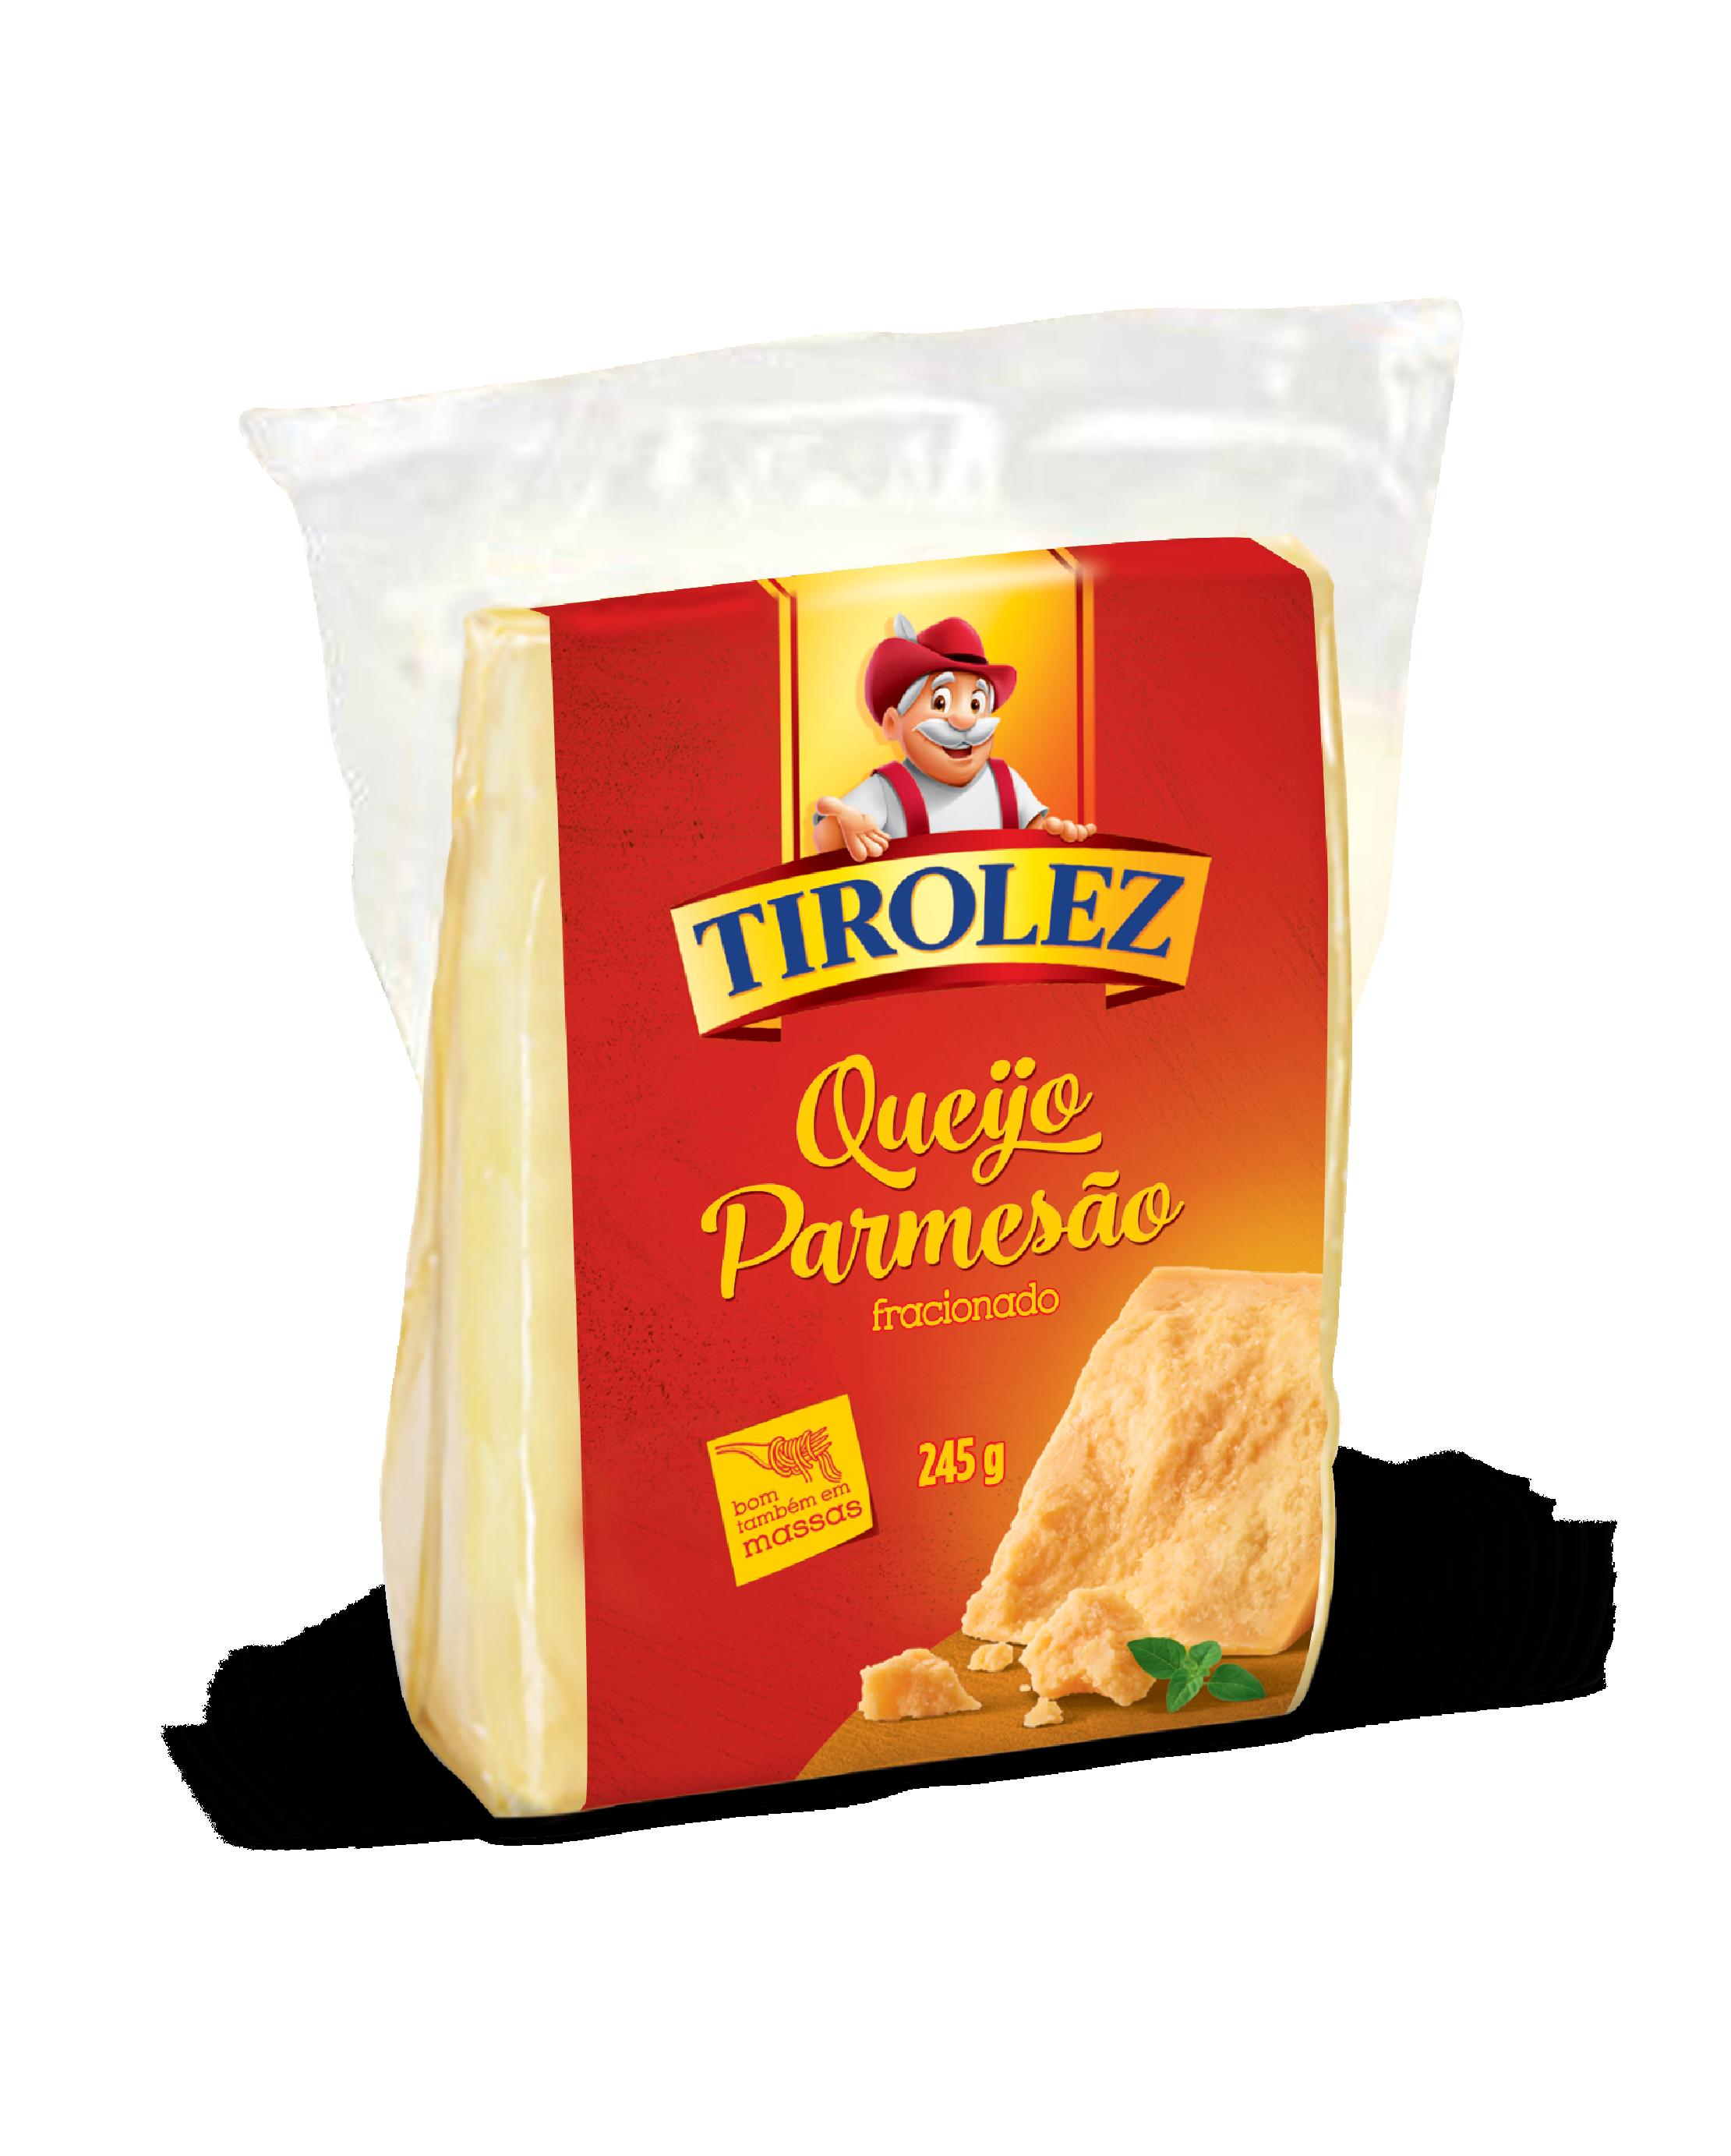 QUEIJO PARMESAO Tirolez 245g